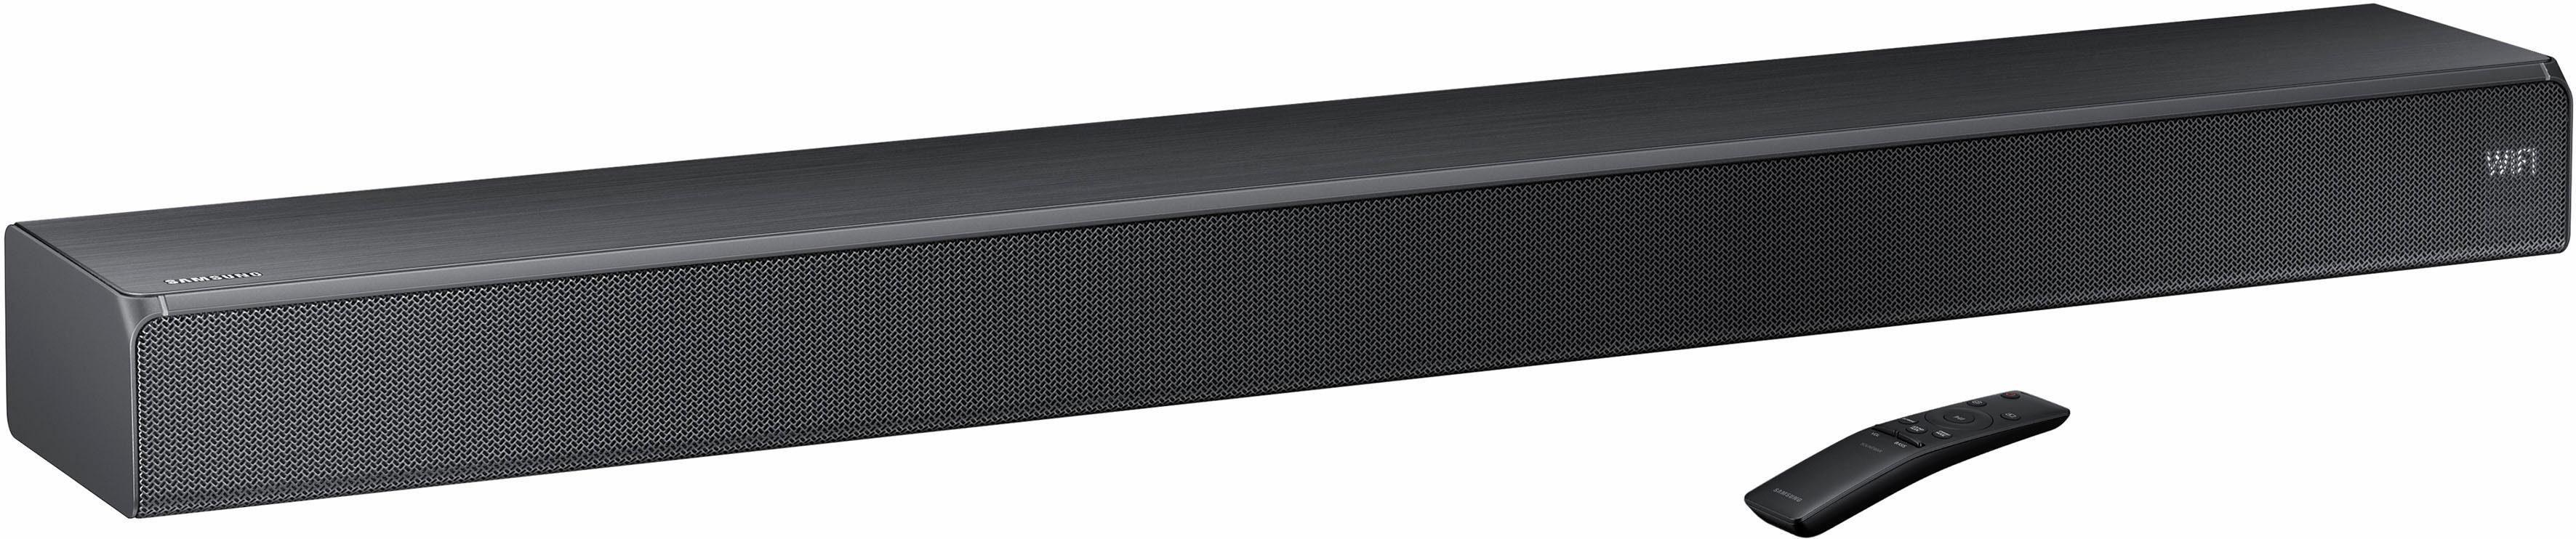 Samsung HW-MS550/EN 2.0 Soundbar (Multiroom, Bluetooth, WiFi)